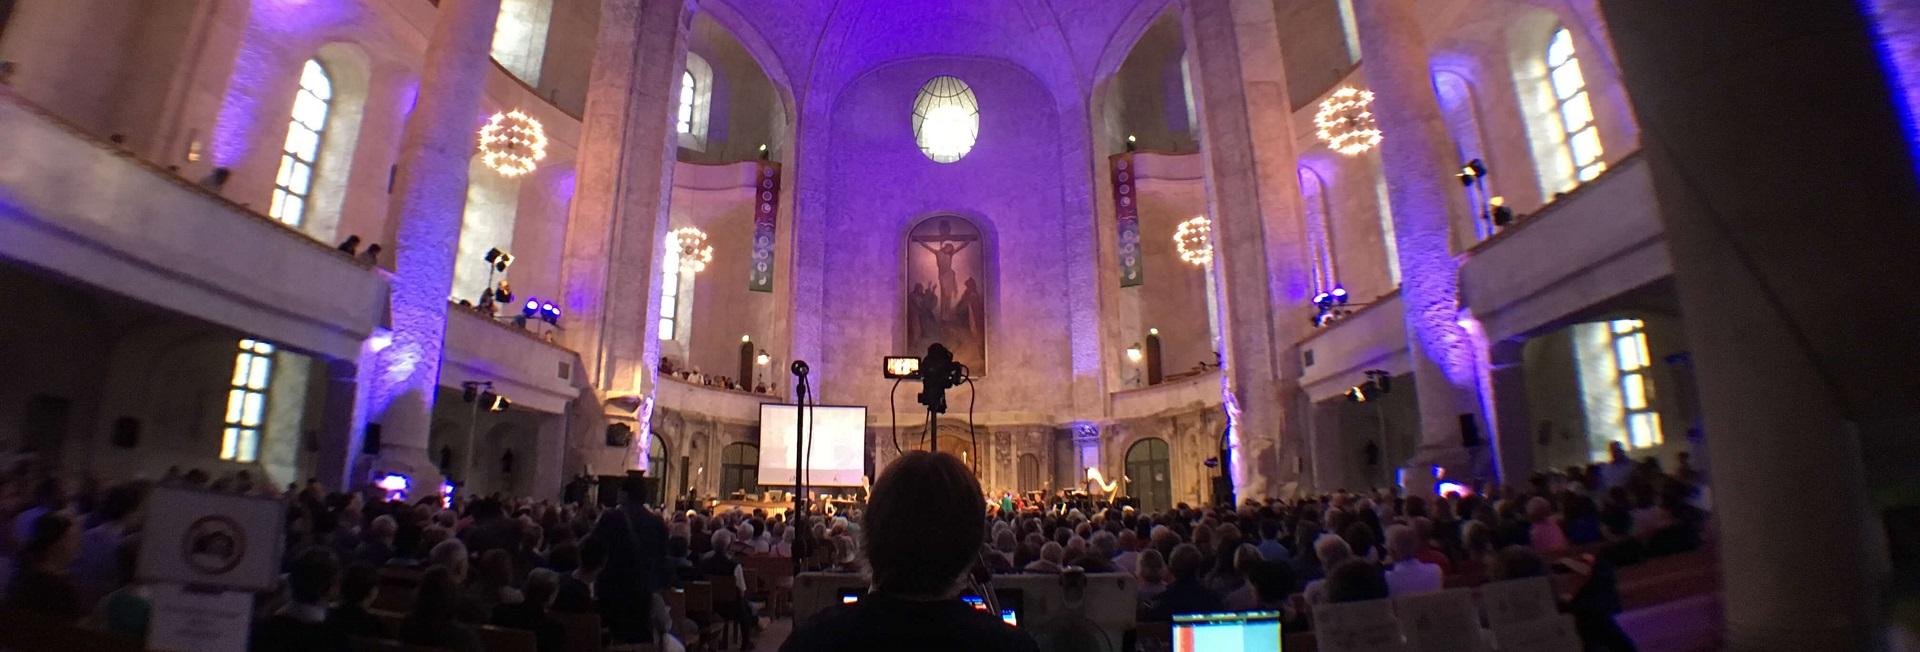 Videoprojektionen Events auf Video Wall Kreuzkirche Dresden